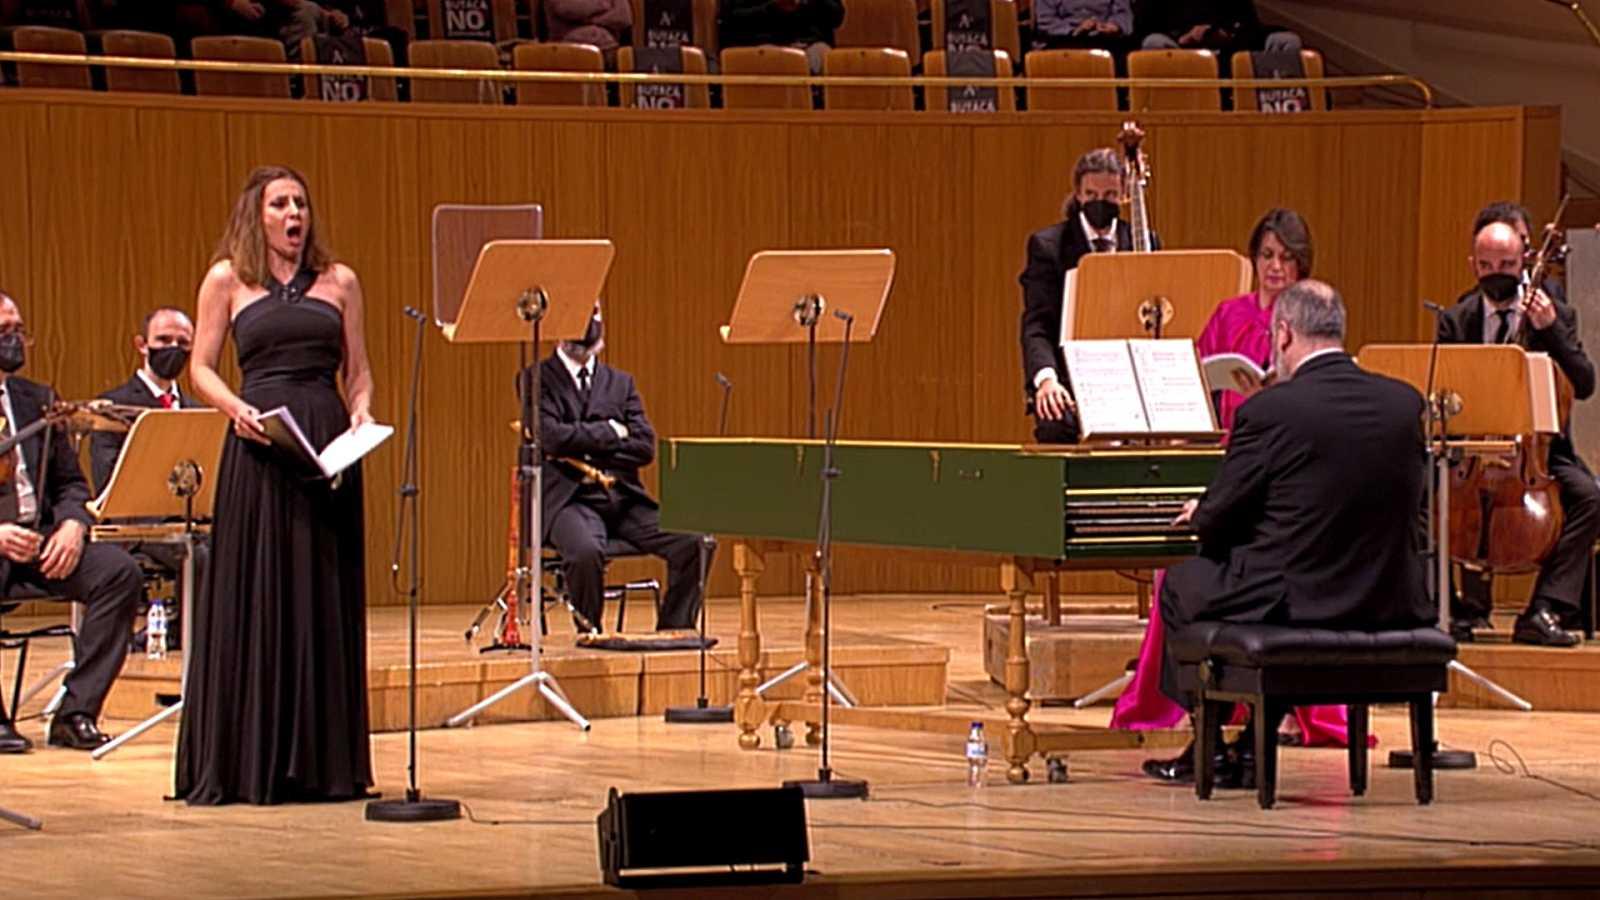 Los conciertos de La 2 - Temporada CNDM 2020-2021. Ciclo Universo barroco: Júpiter y Semele (parte 1)  - ver ahora